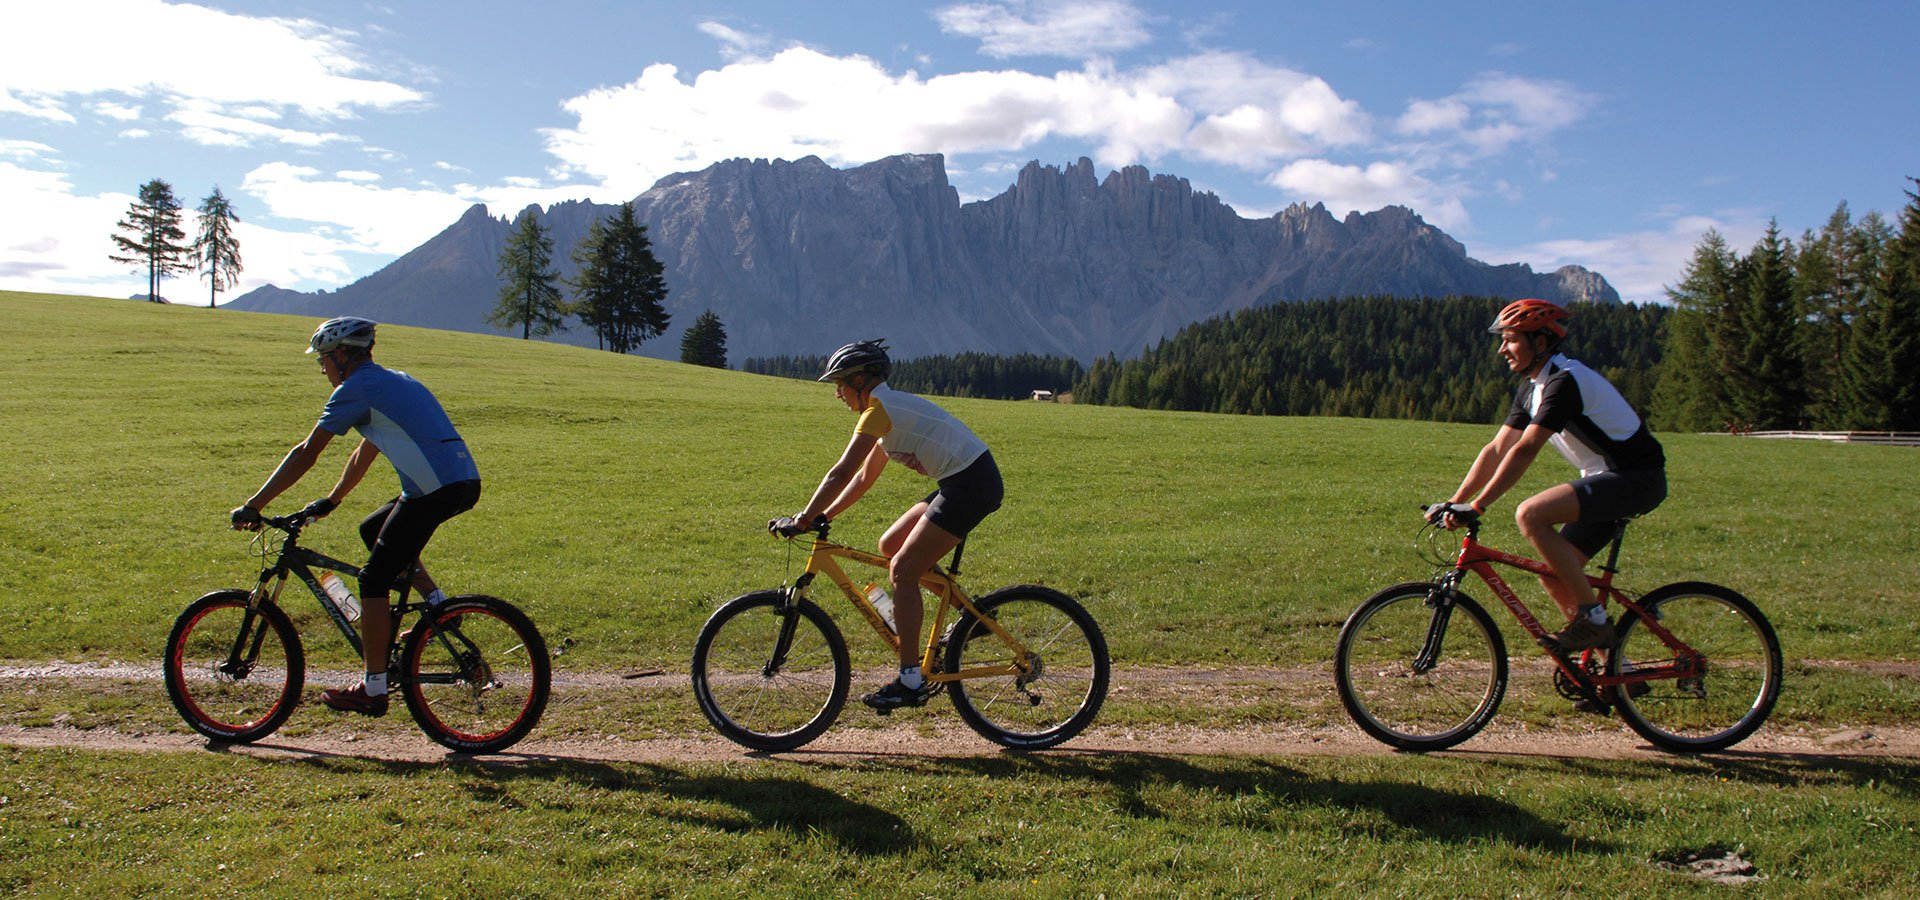 mountainbike-maenner-weg